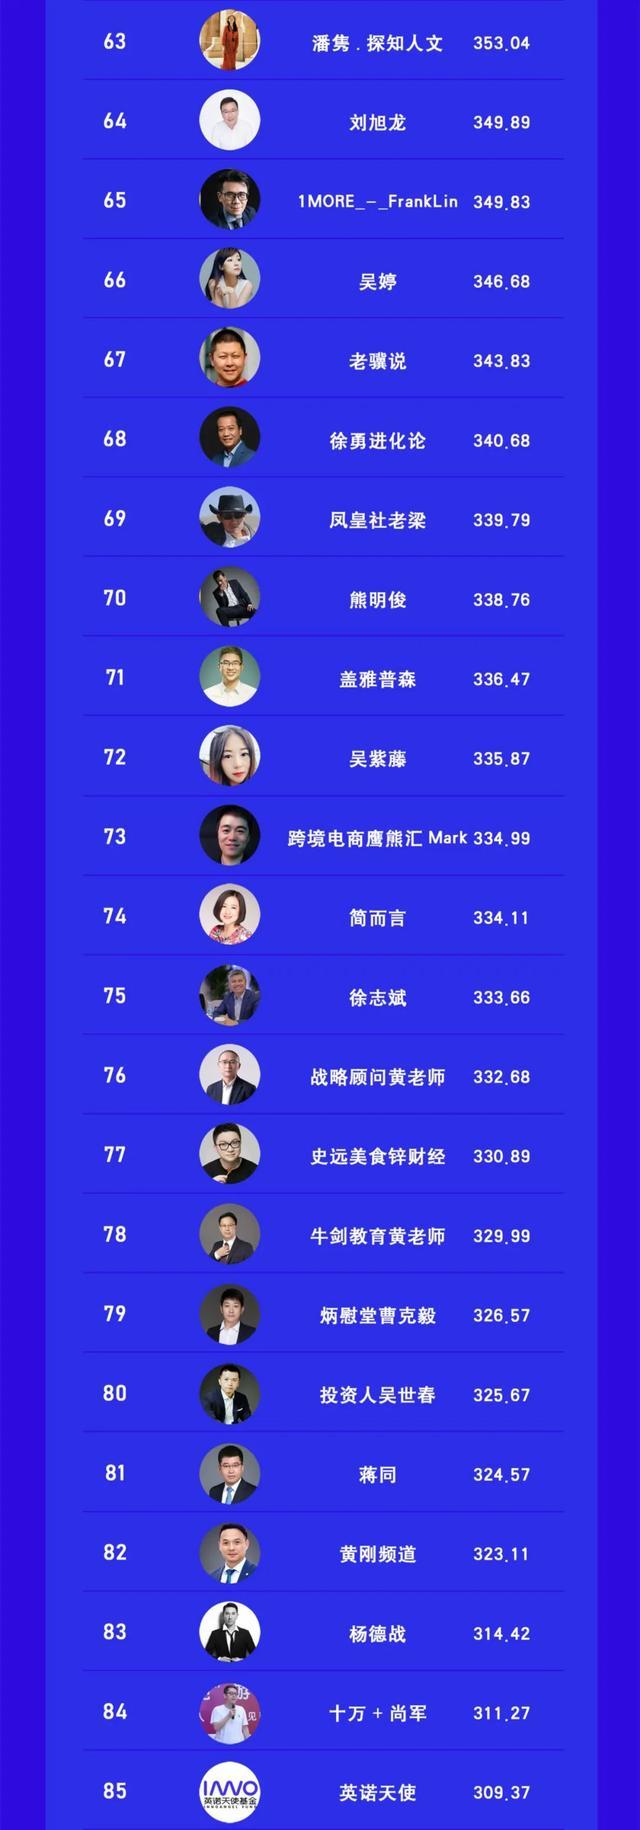 视频号创始人CEO创投高管TOP100榜 站长论坛 第5张